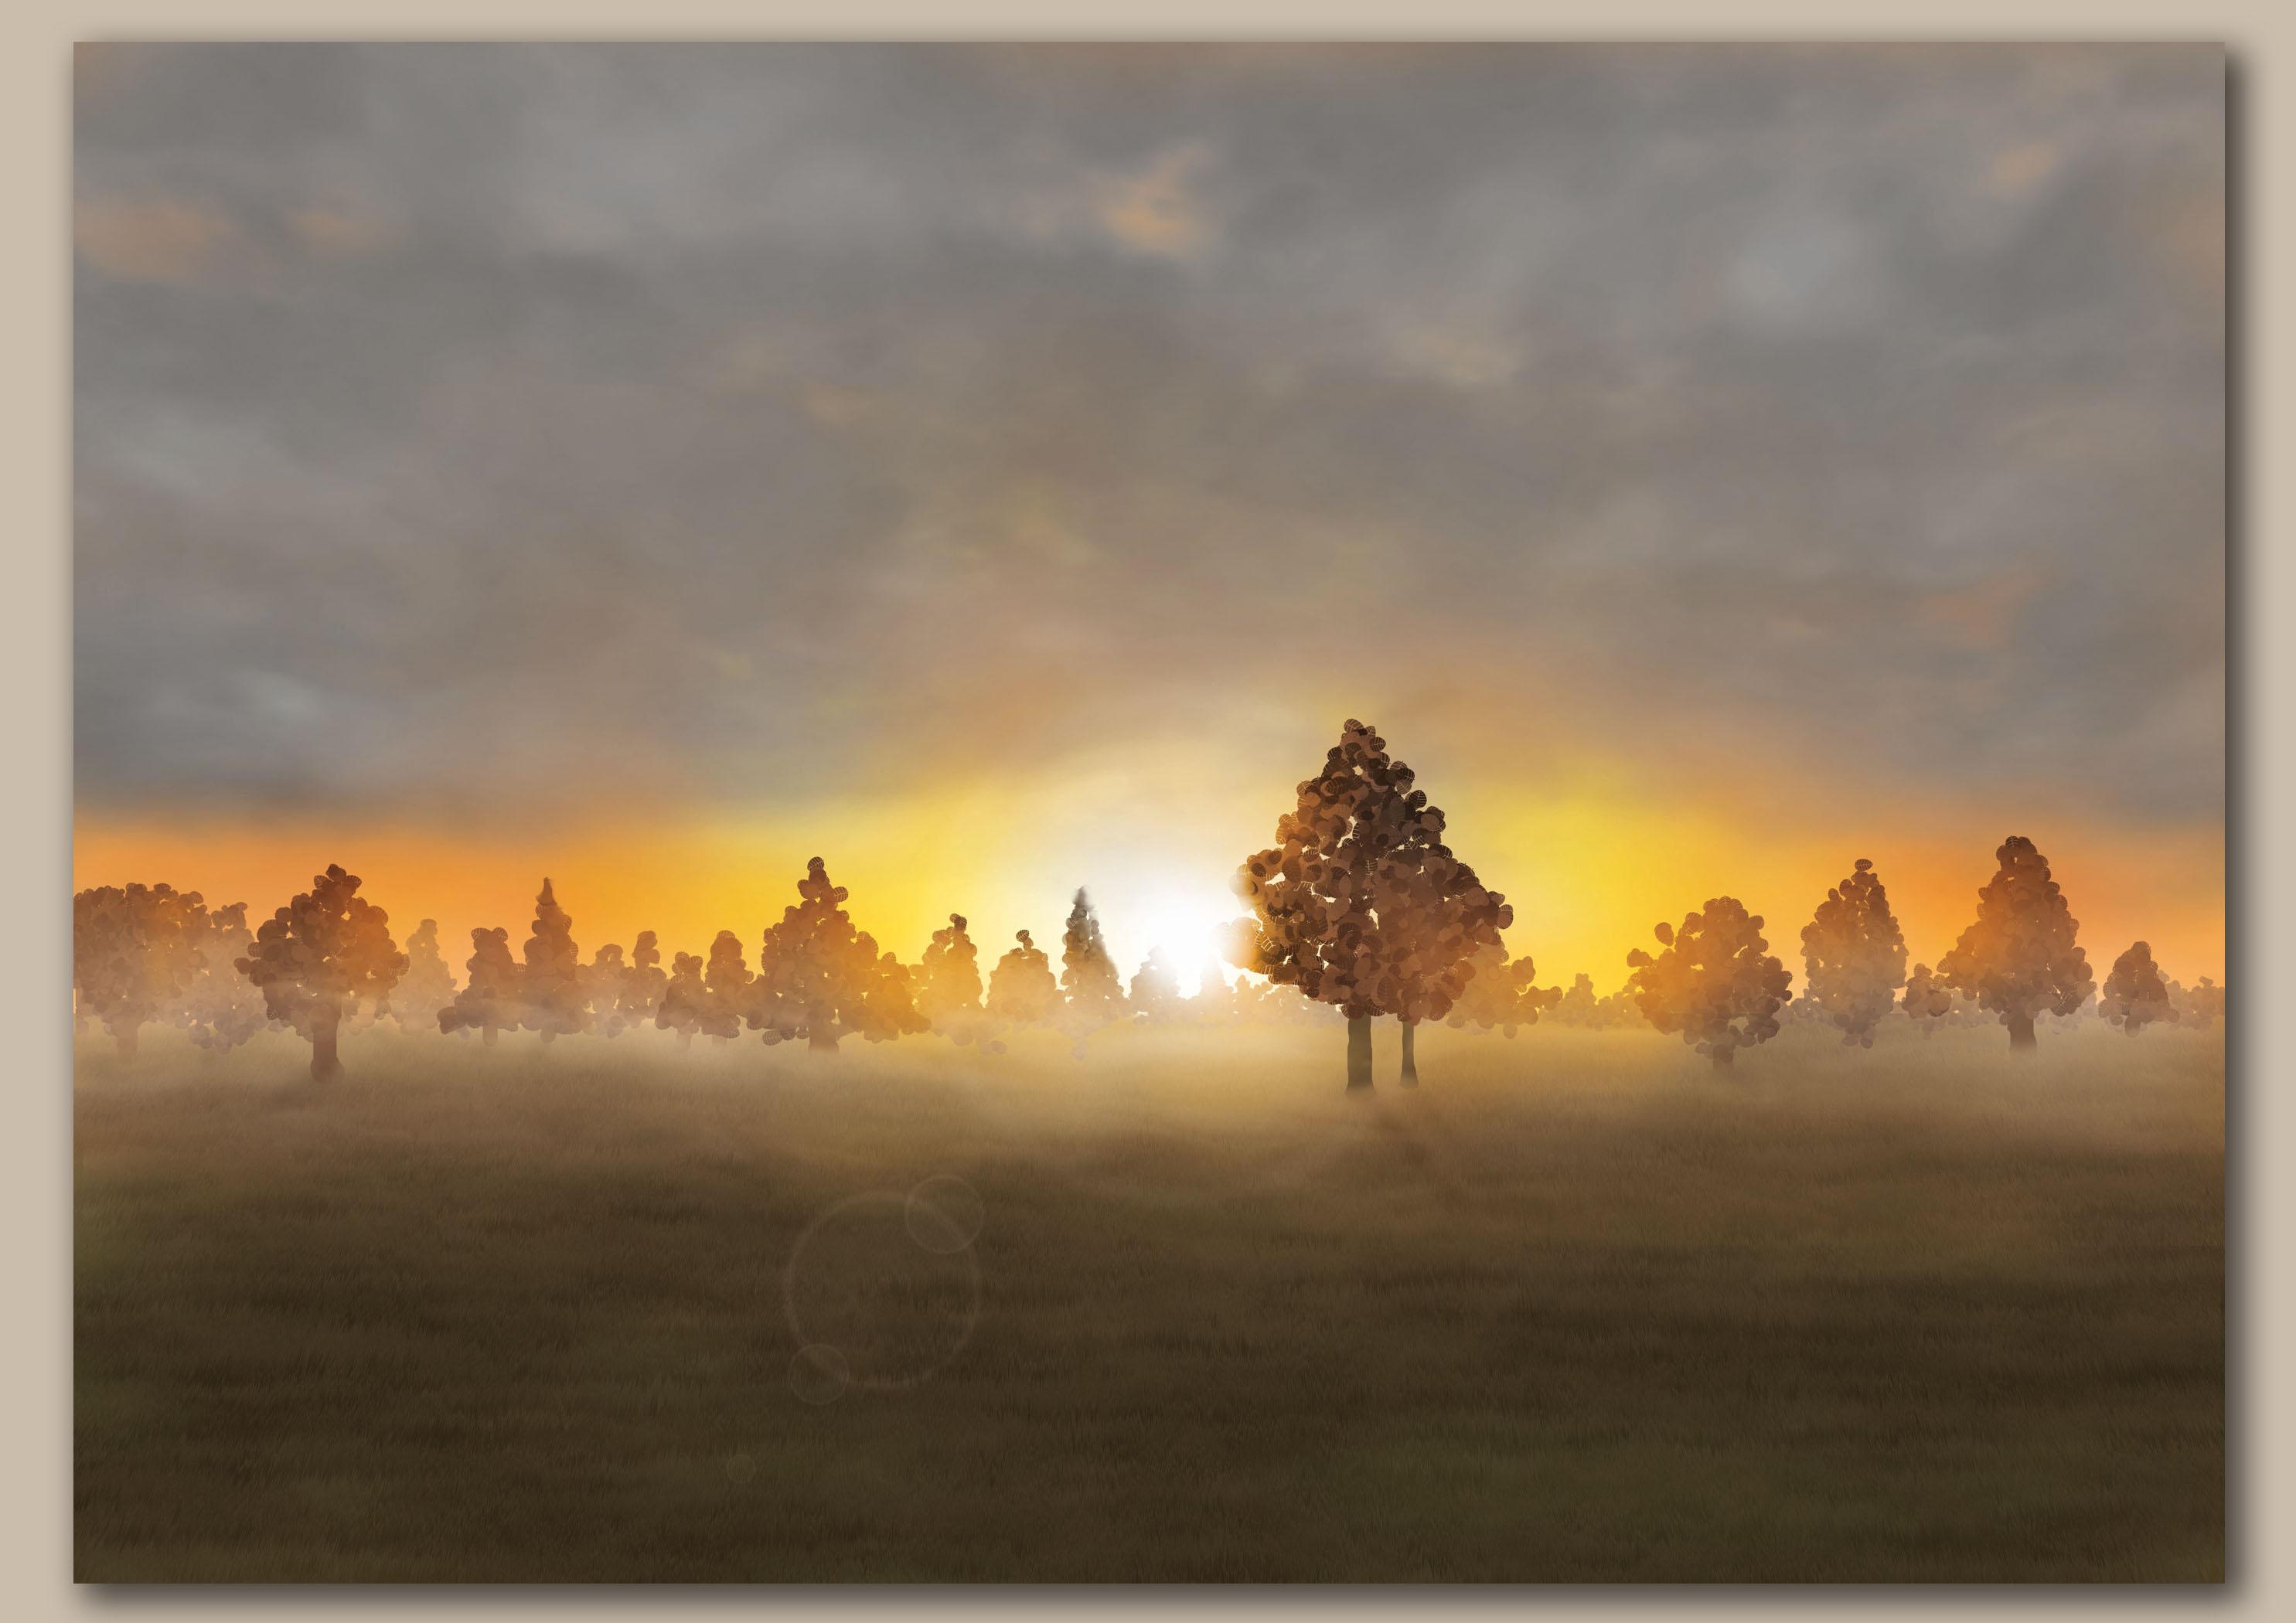 Opkomende zon door bomen over een weiland met lensflare